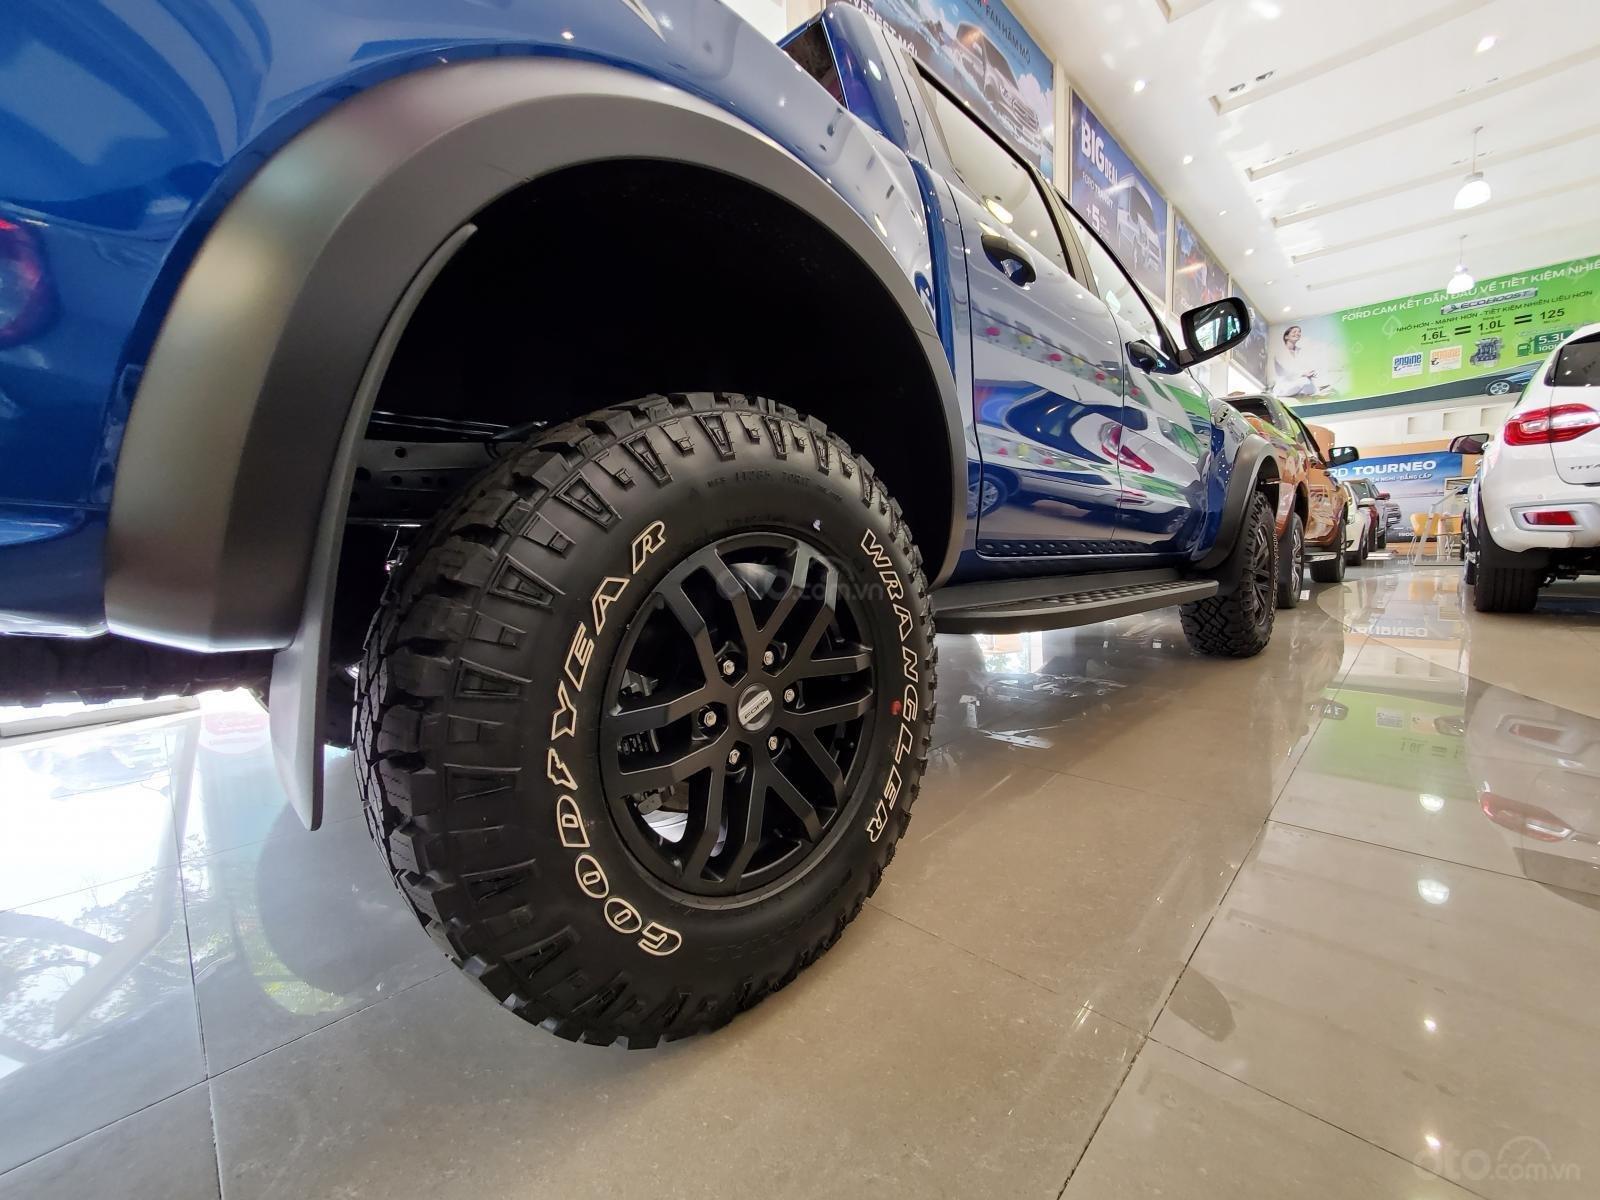 Bán Ranger Raptor 2019 cam kết xe sẵn giao ngay, giá siêu giảm, giao xe toàn quốc (3)